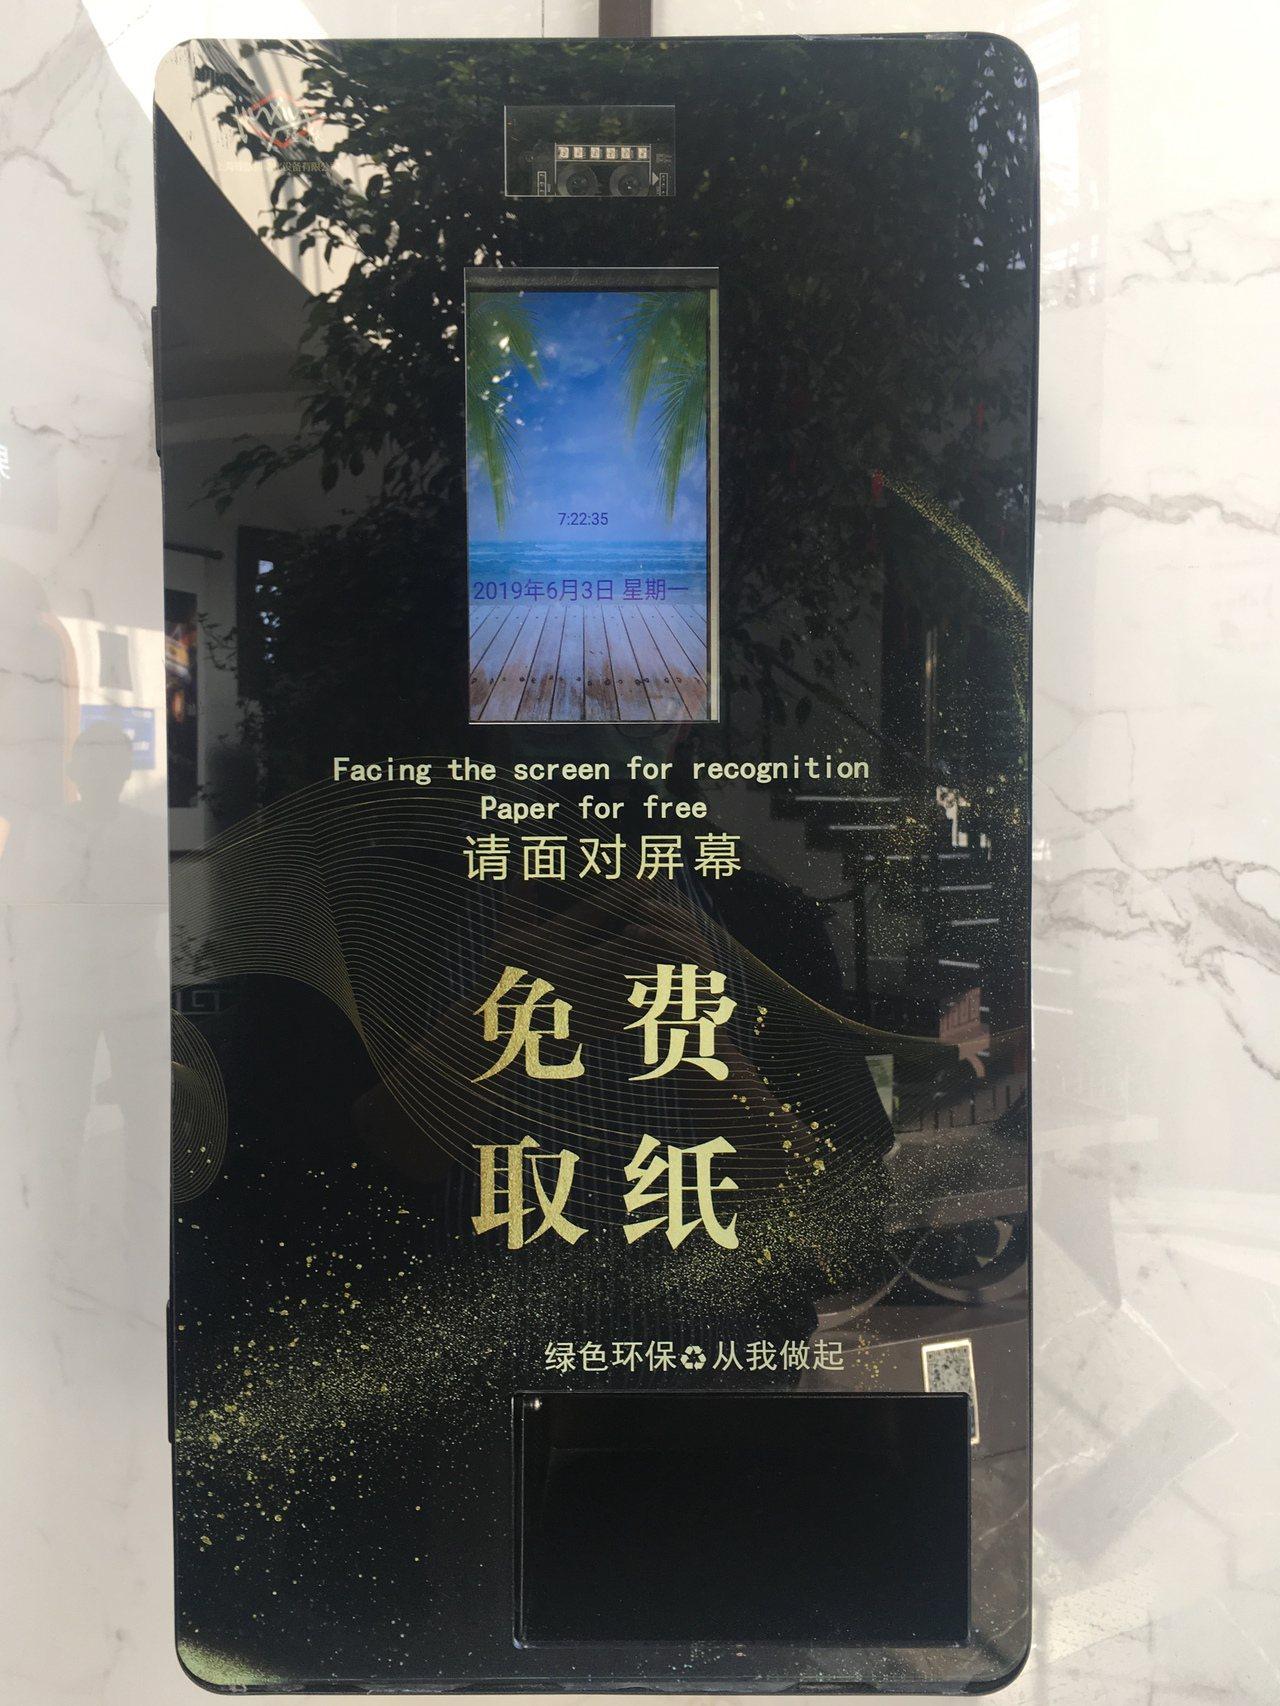 為避免無謂浪費,大陸許多地方公廁都採取「刷臉取紙」。圖為上海人民廣場一處公廁內的...